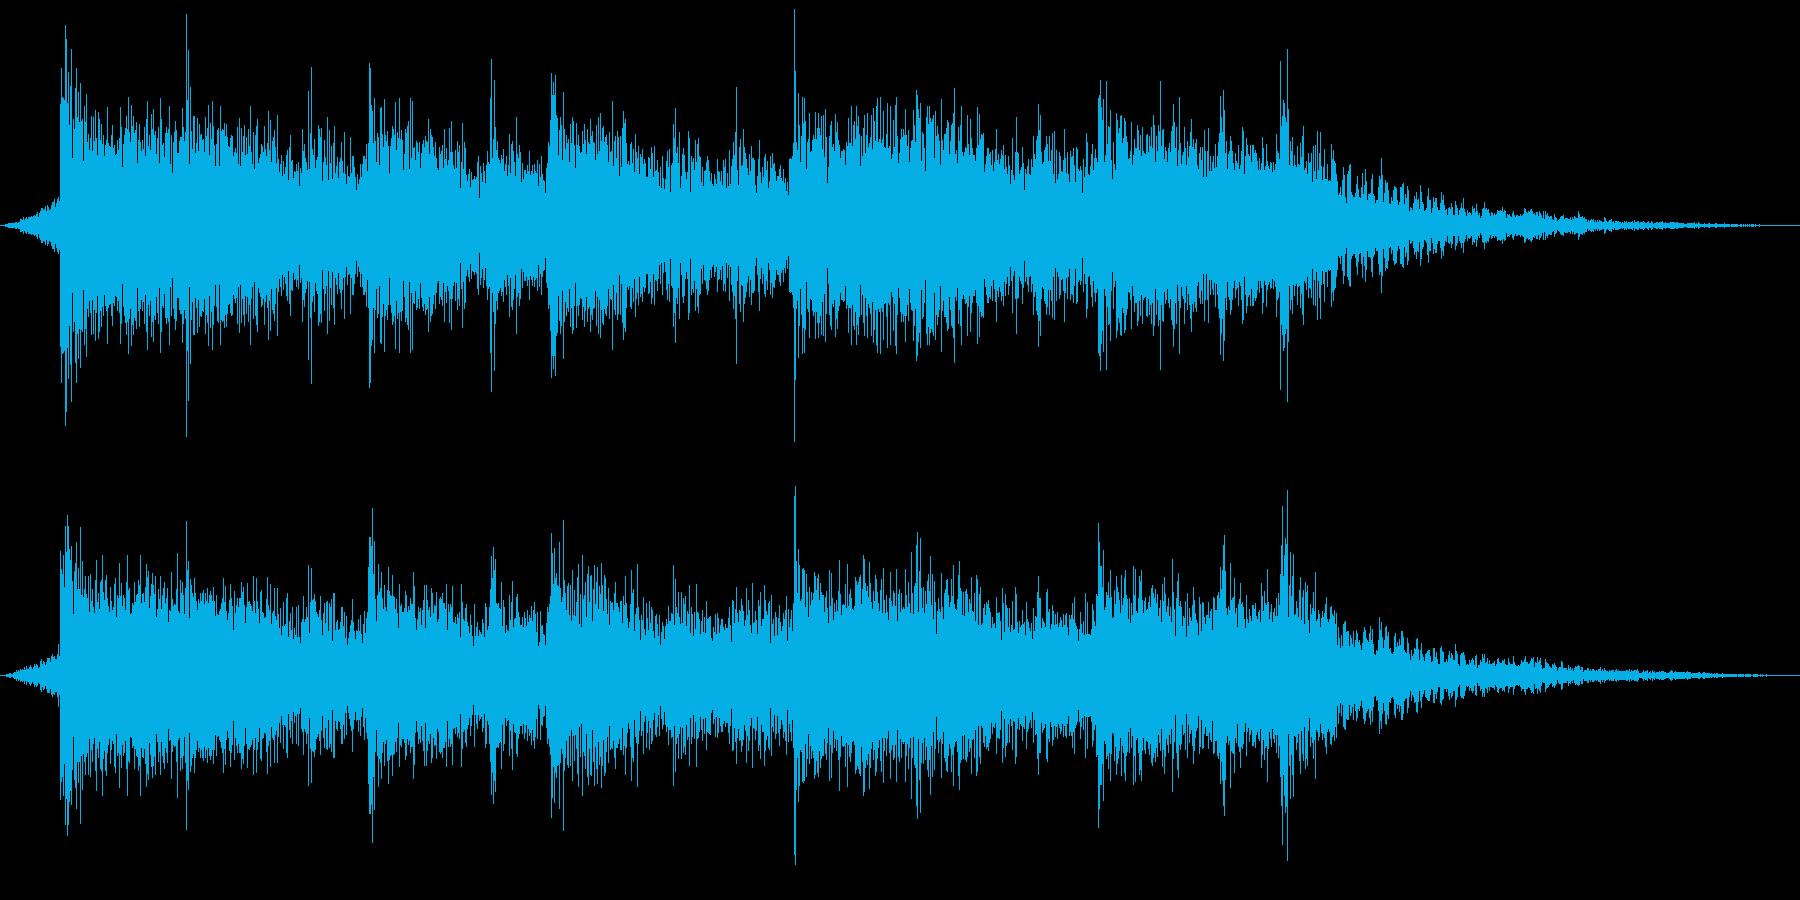 ジングル・ミッション終了時のシネマロックの再生済みの波形